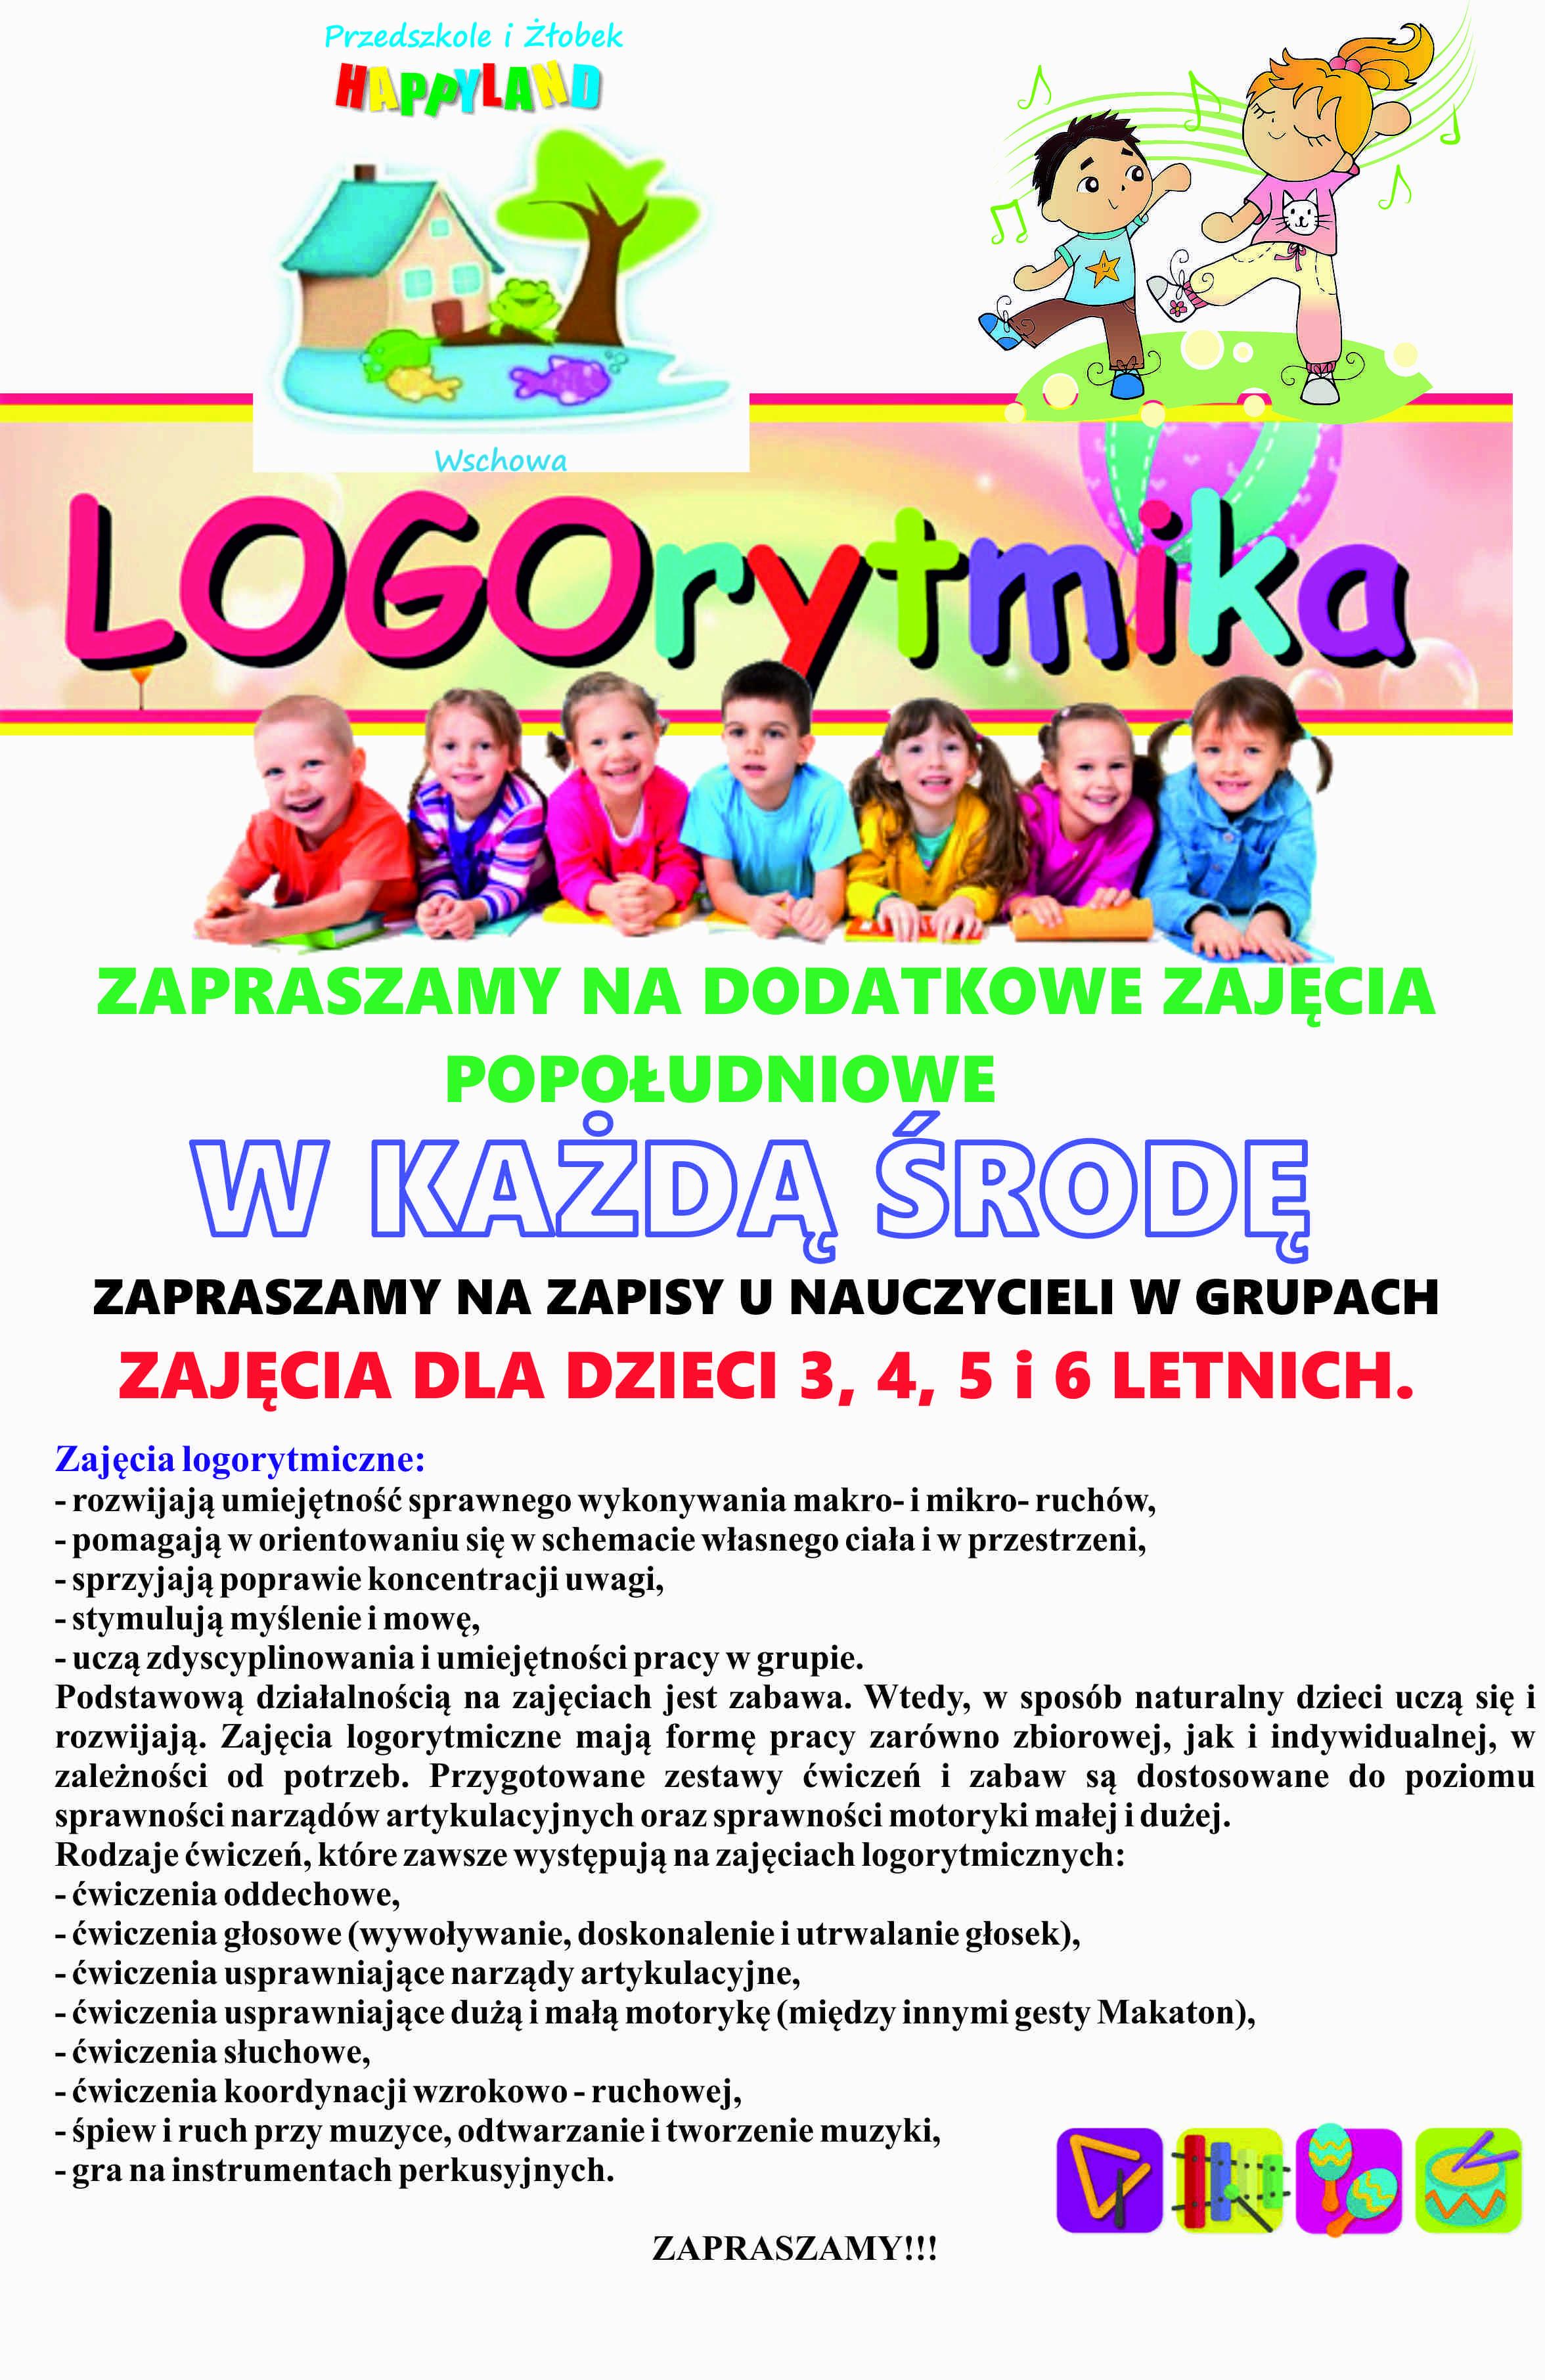 plakat-logorytmika-wschowa